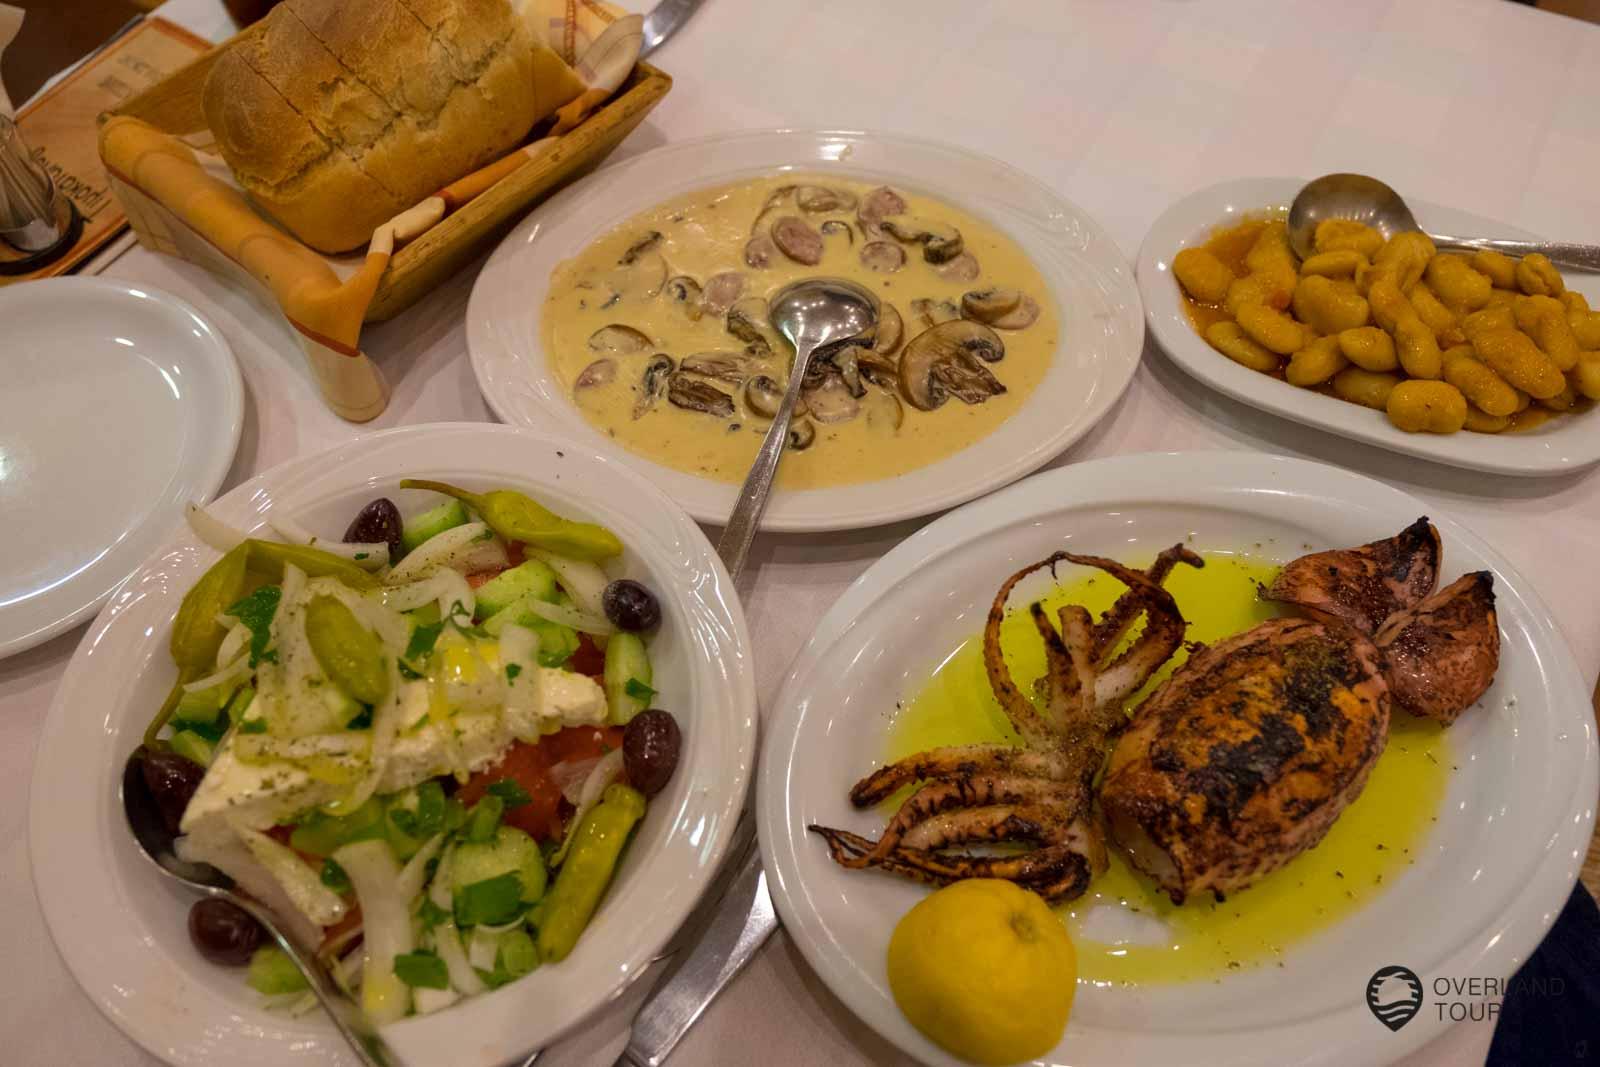 Lecker grieschisches Essen